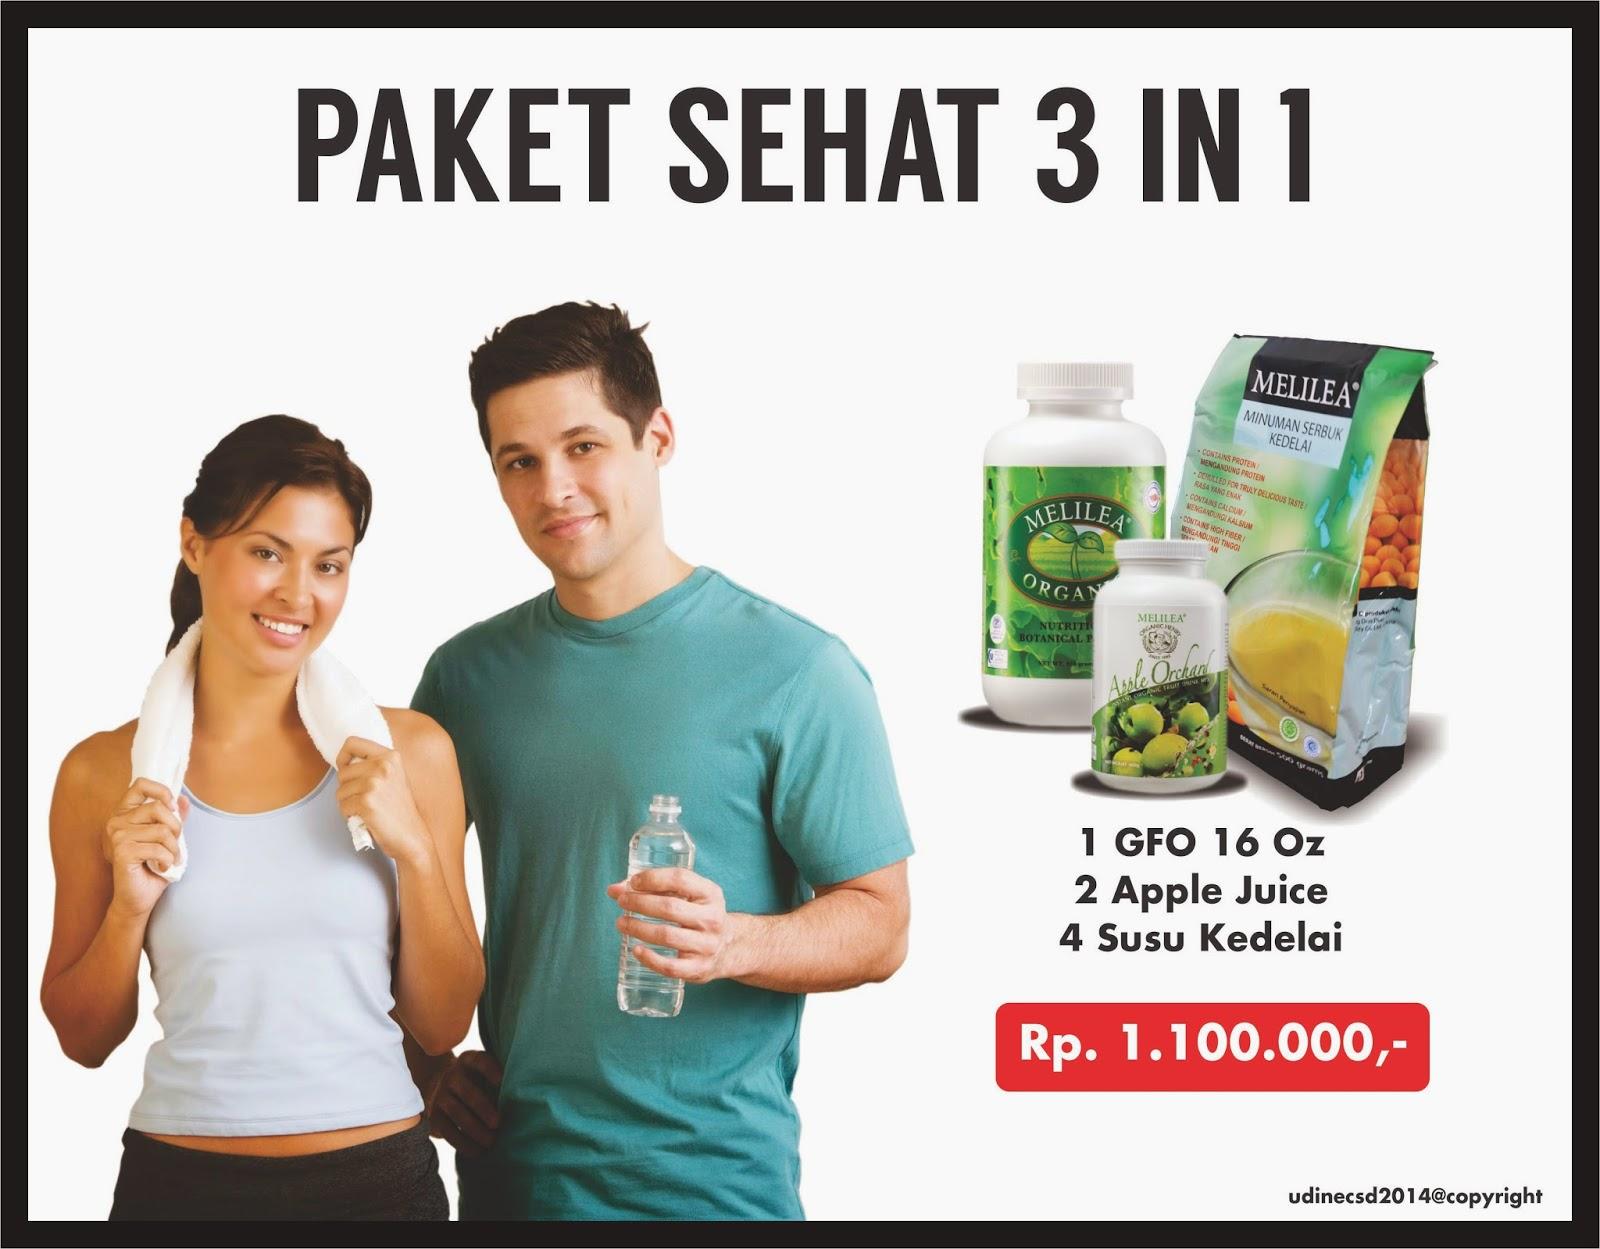 0812 3111 9502 Cara Menurunkan Berat Badan Dengan Cepat Melilea Greenfield 16oz Susu Kedelai Depok Skin Care Tangerang Apple Orchard Alamat Jogja Semarang